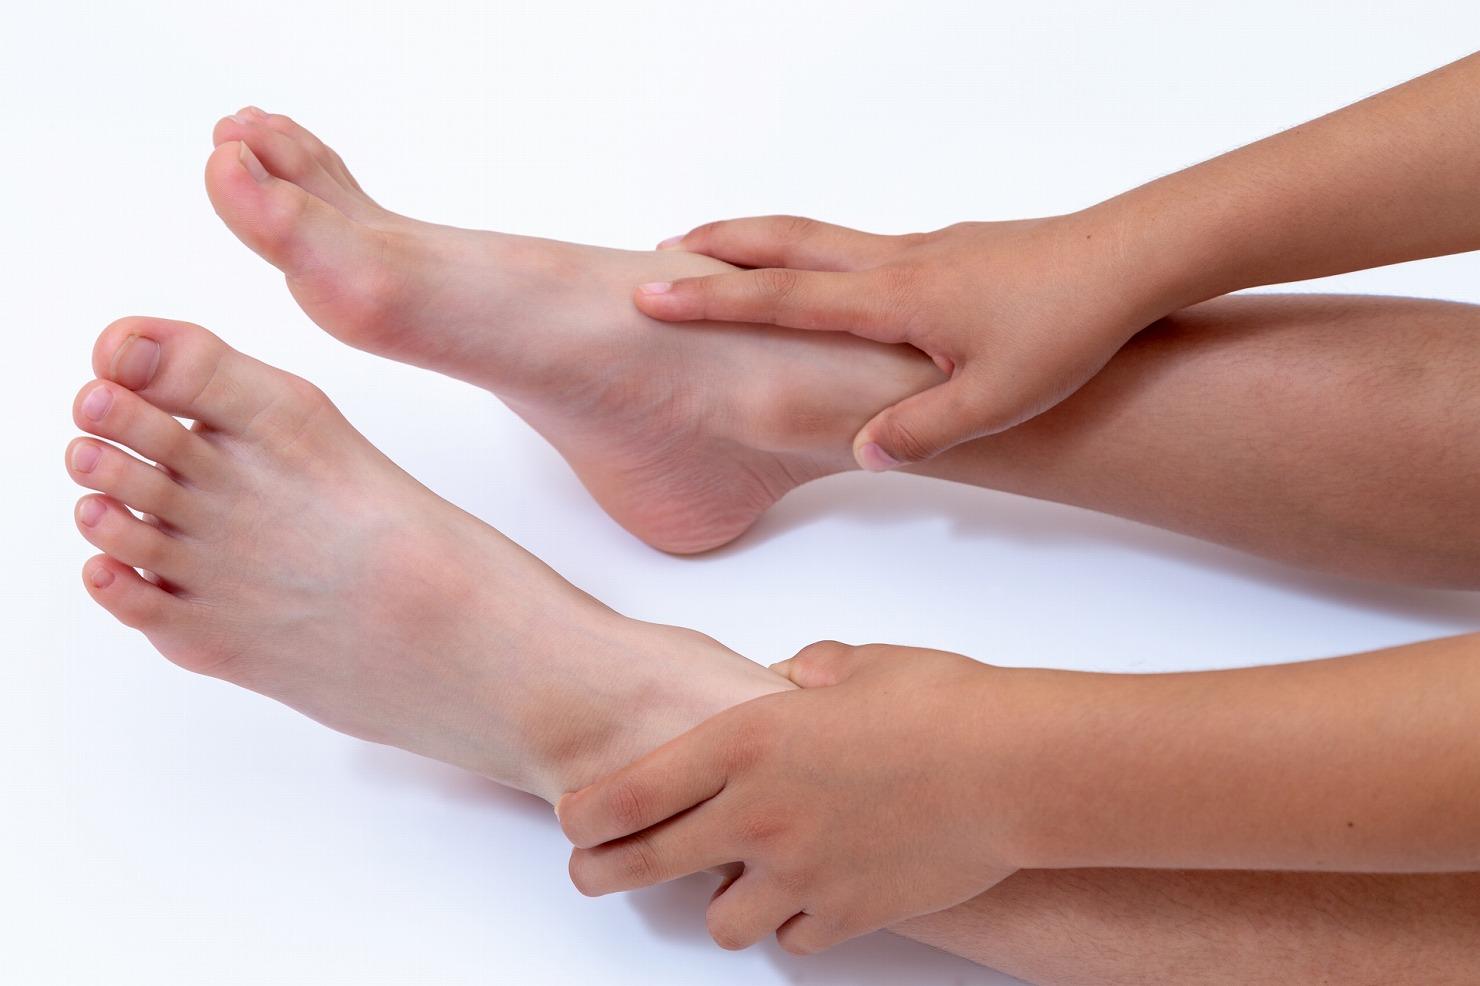 子供の足の痛みは成長痛が原因かも? 症状や対処法、出やすい年齢、病院の受診目安を紹介